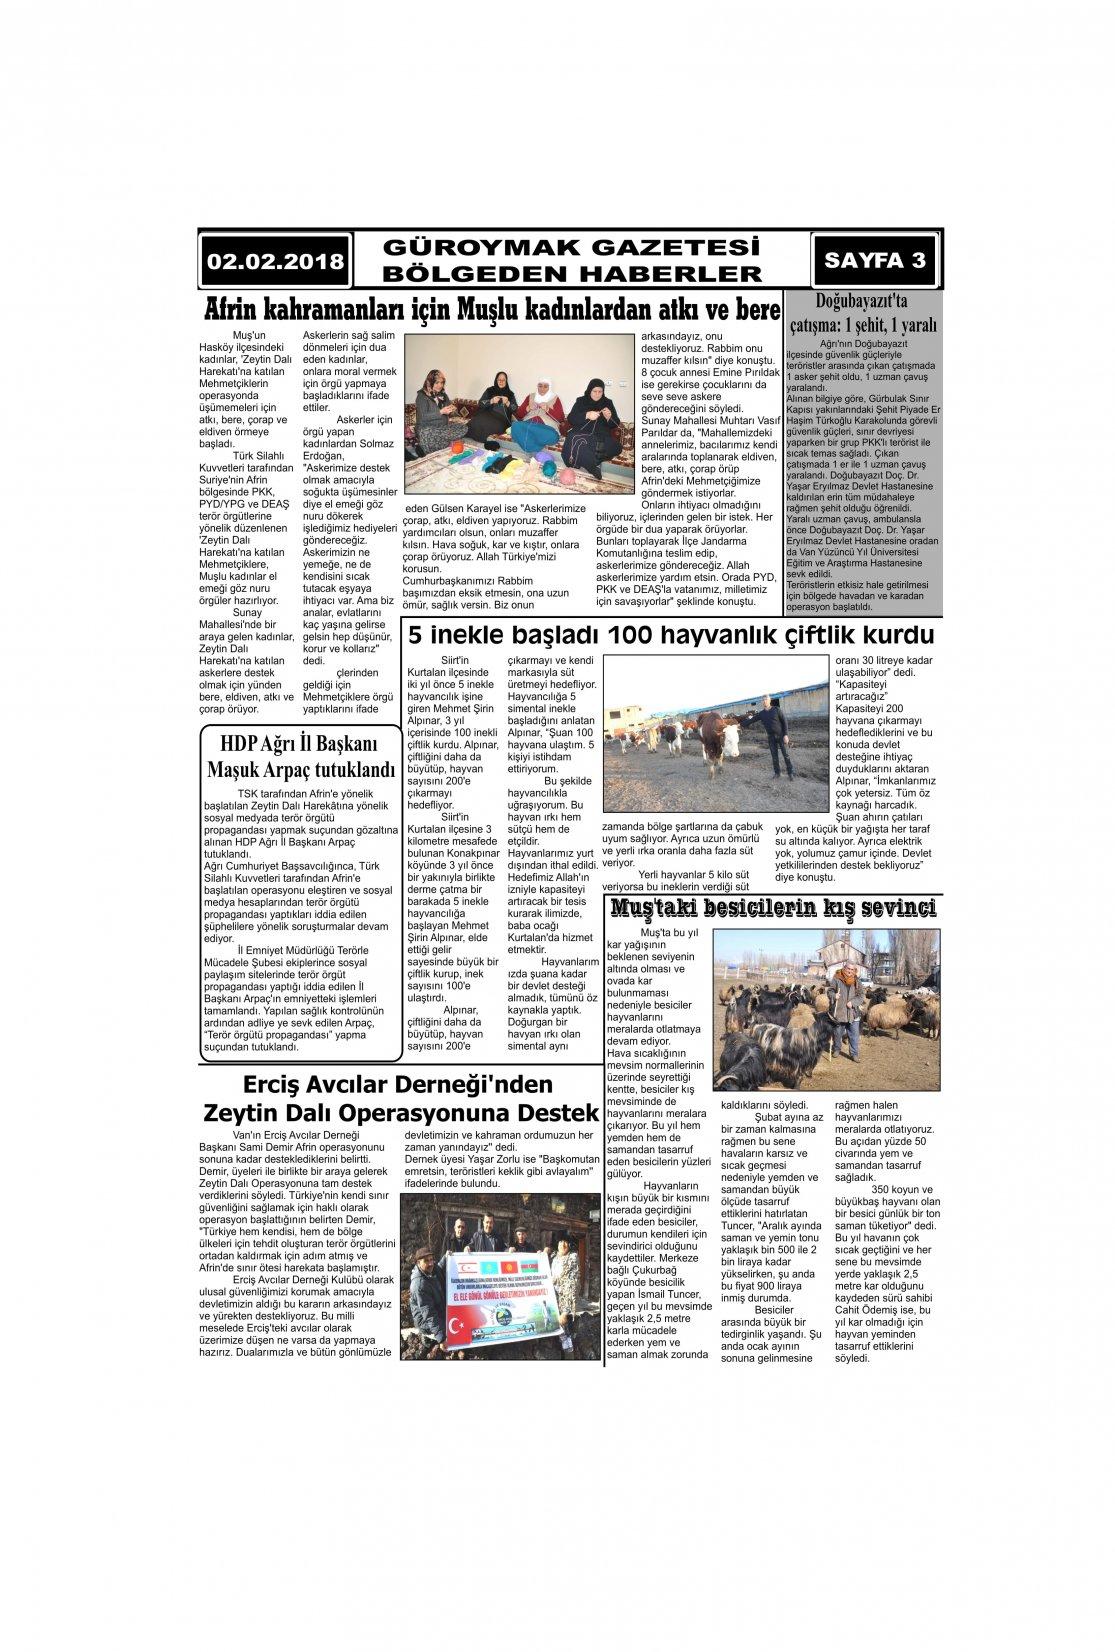 Güroymak Gazetesi 3-1.jpg Sayılı Gazete Küpürü